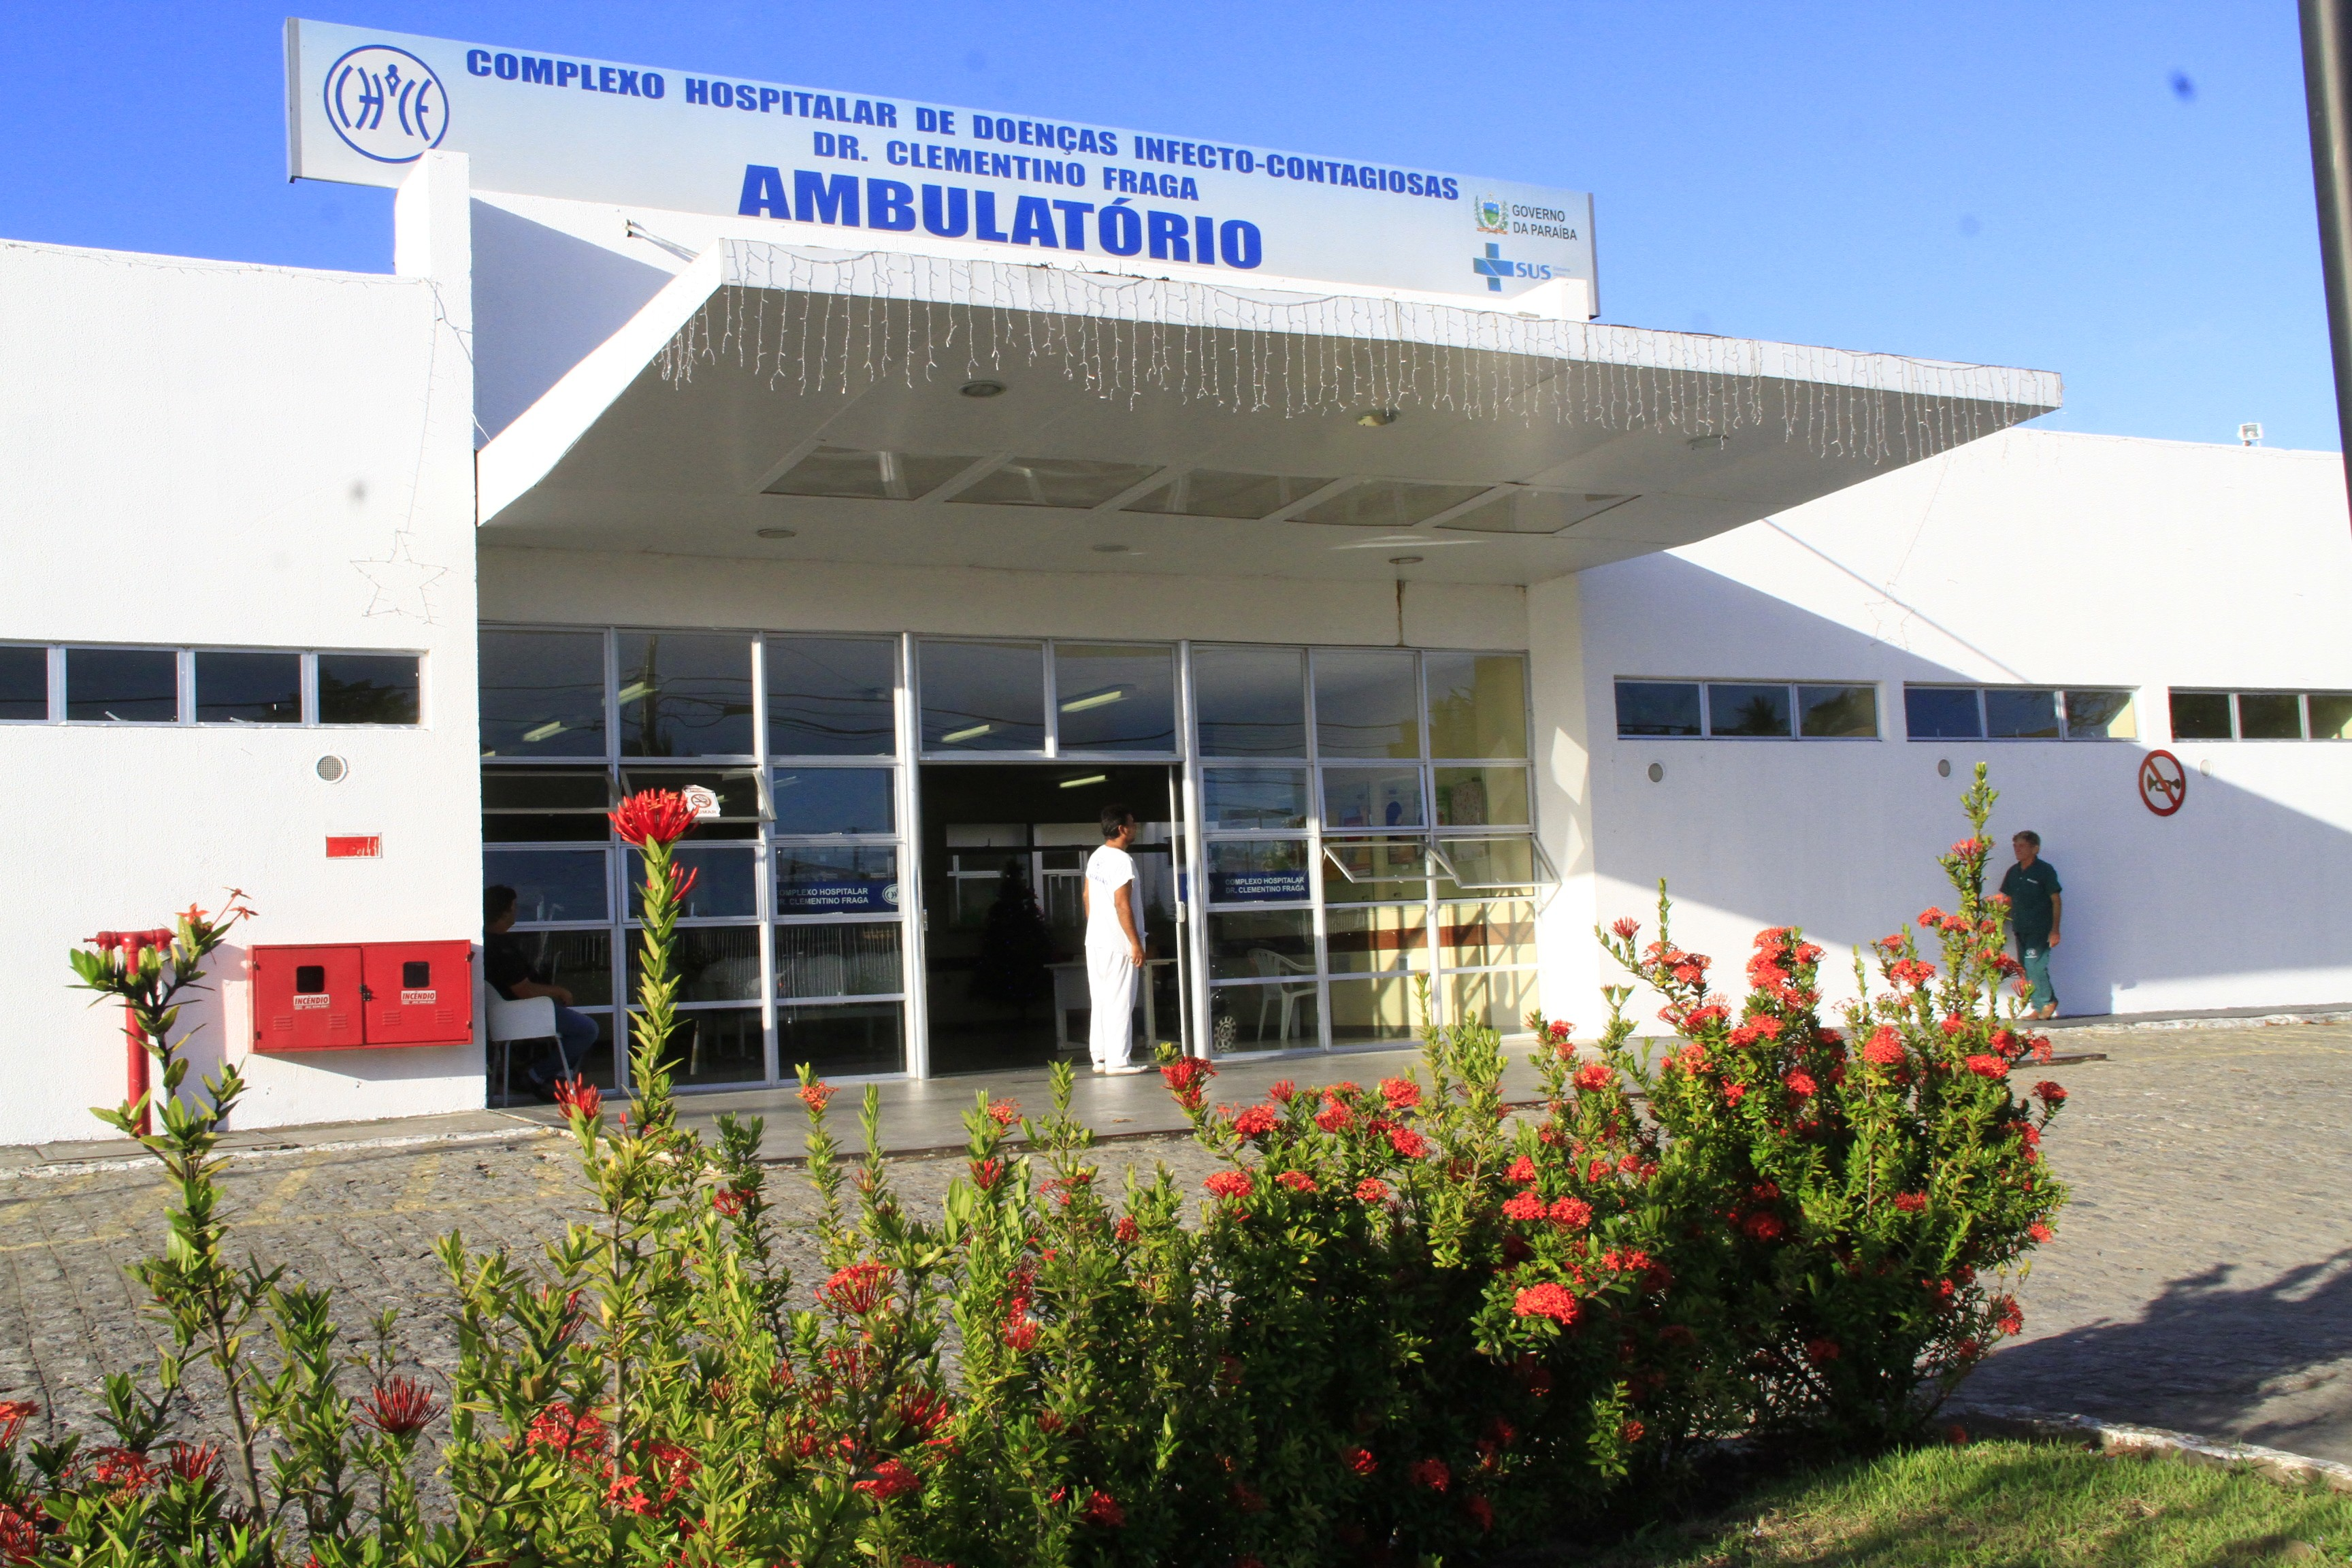 Governo da Paraíba convoca 160 profissionais de saúde para atuação no combate à Covid-19